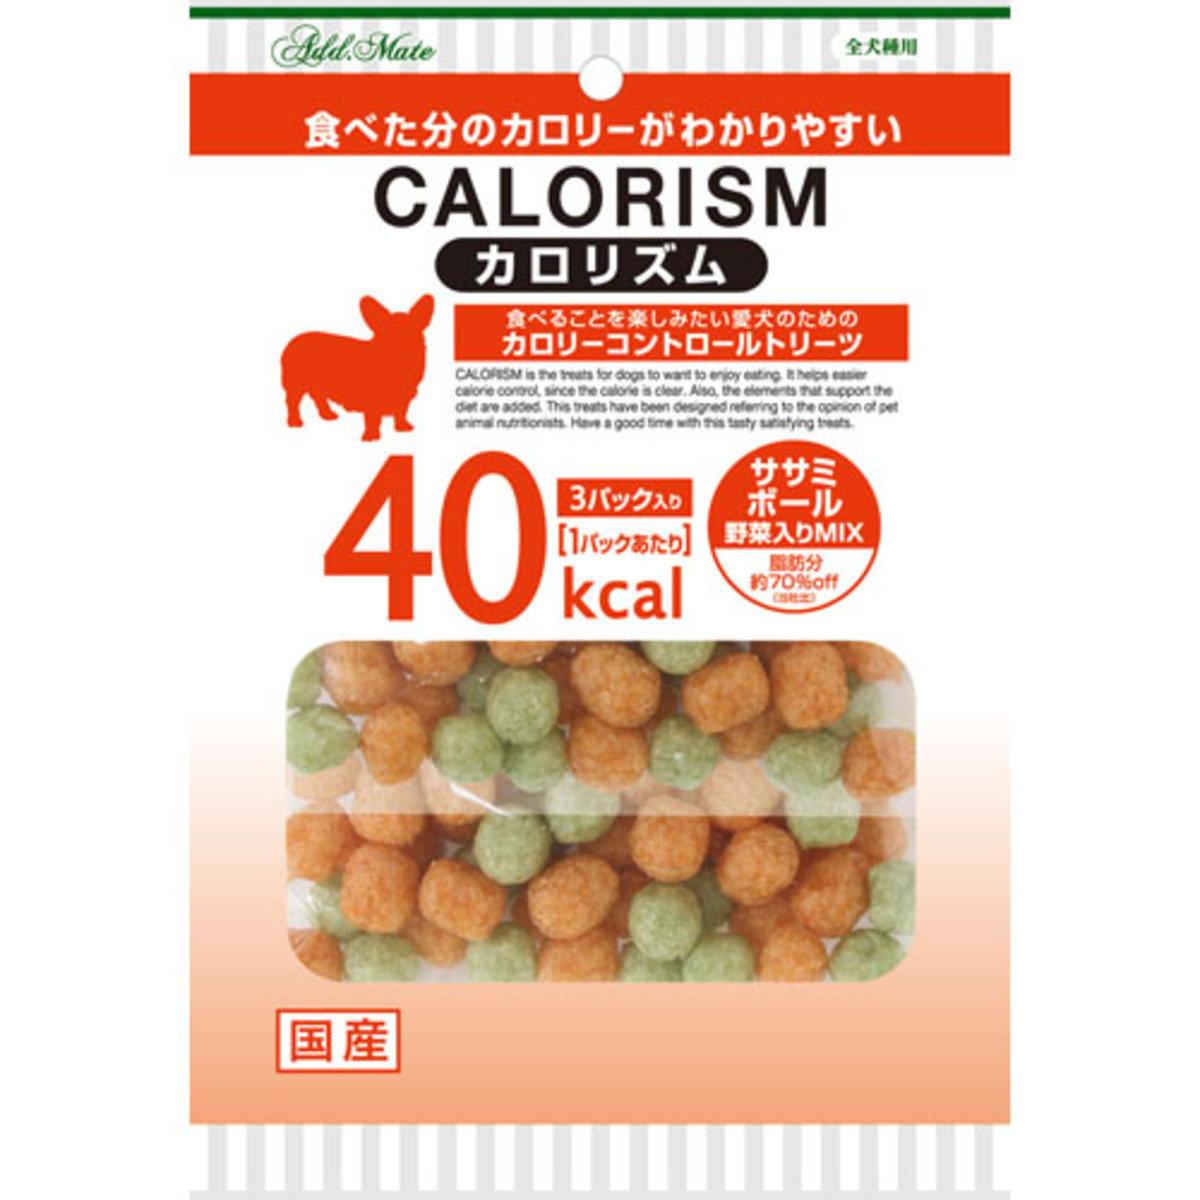 狗小食雞胸肉及蔬菜球(A12495)(到期日:31/12/2016)